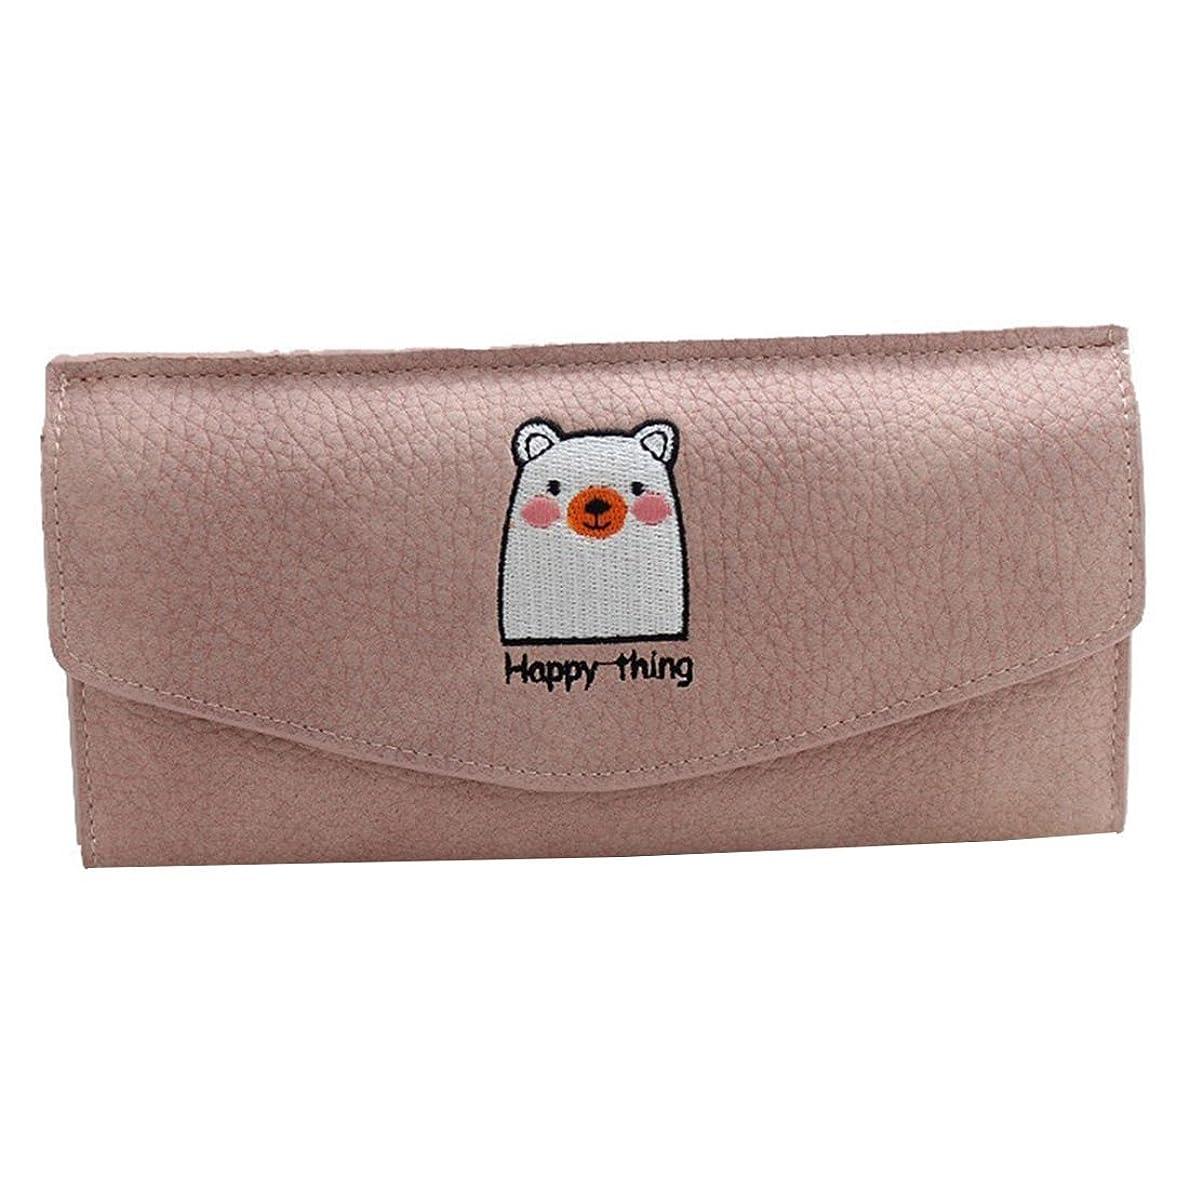 快い惑星のために「テンカ」レディース 長財布 三つ折り かわいい 刺繍動物レトロライチ 小銭入れ 人気 おしゃれ 紙幣 カード 軽量 仕切り 上品